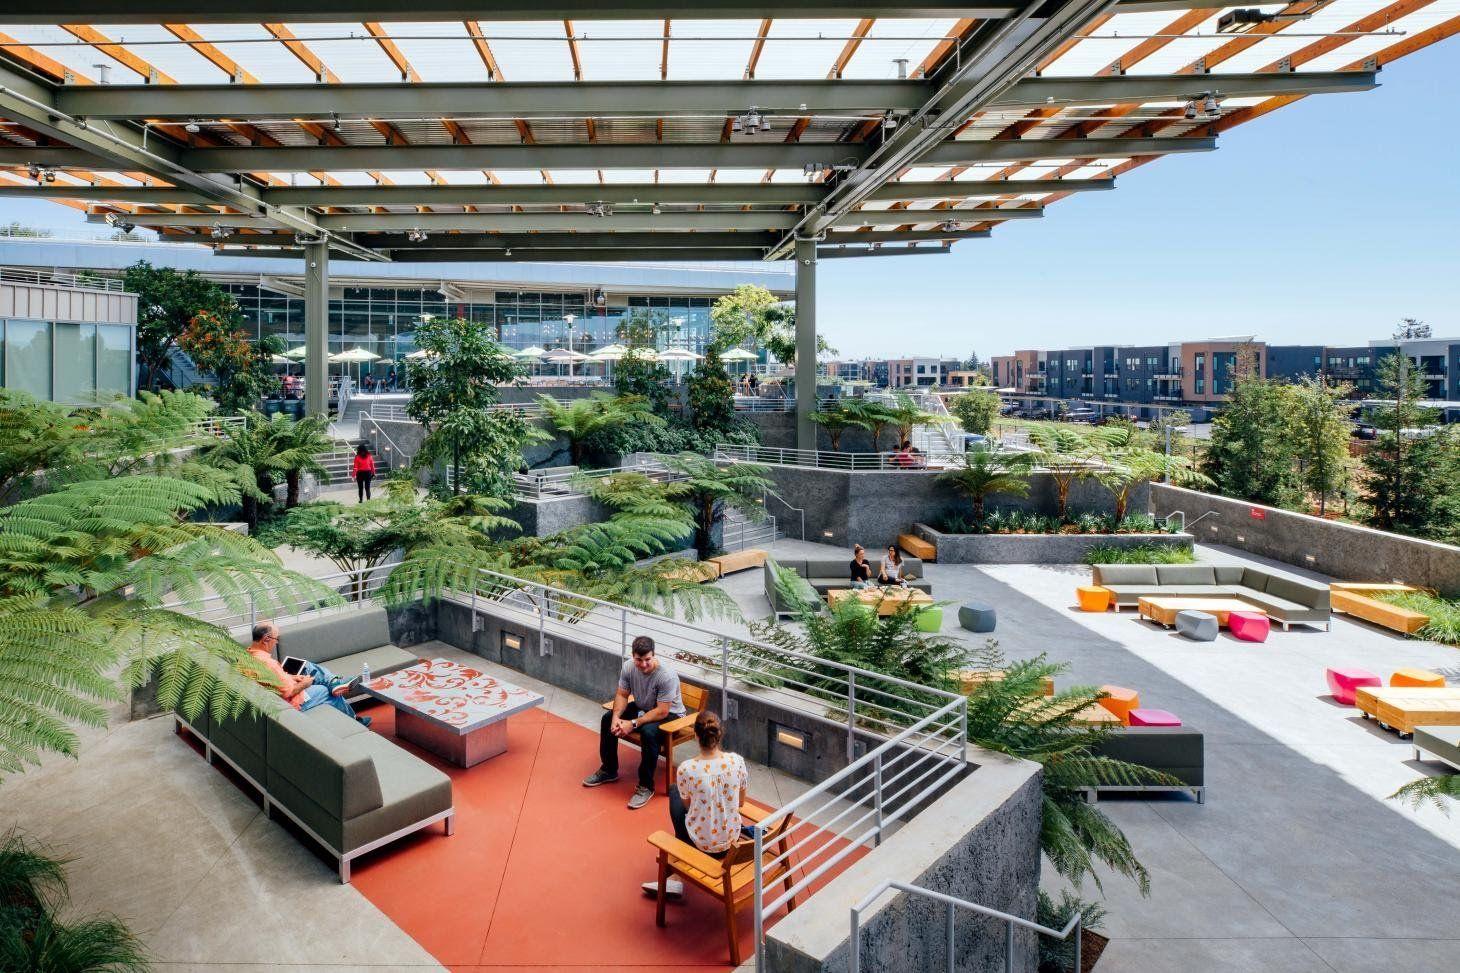 Roof Garden Layers Diagram Roofgardens Rooftopgarden Roof Garden Design Rooftop Garden Green Roof Garden